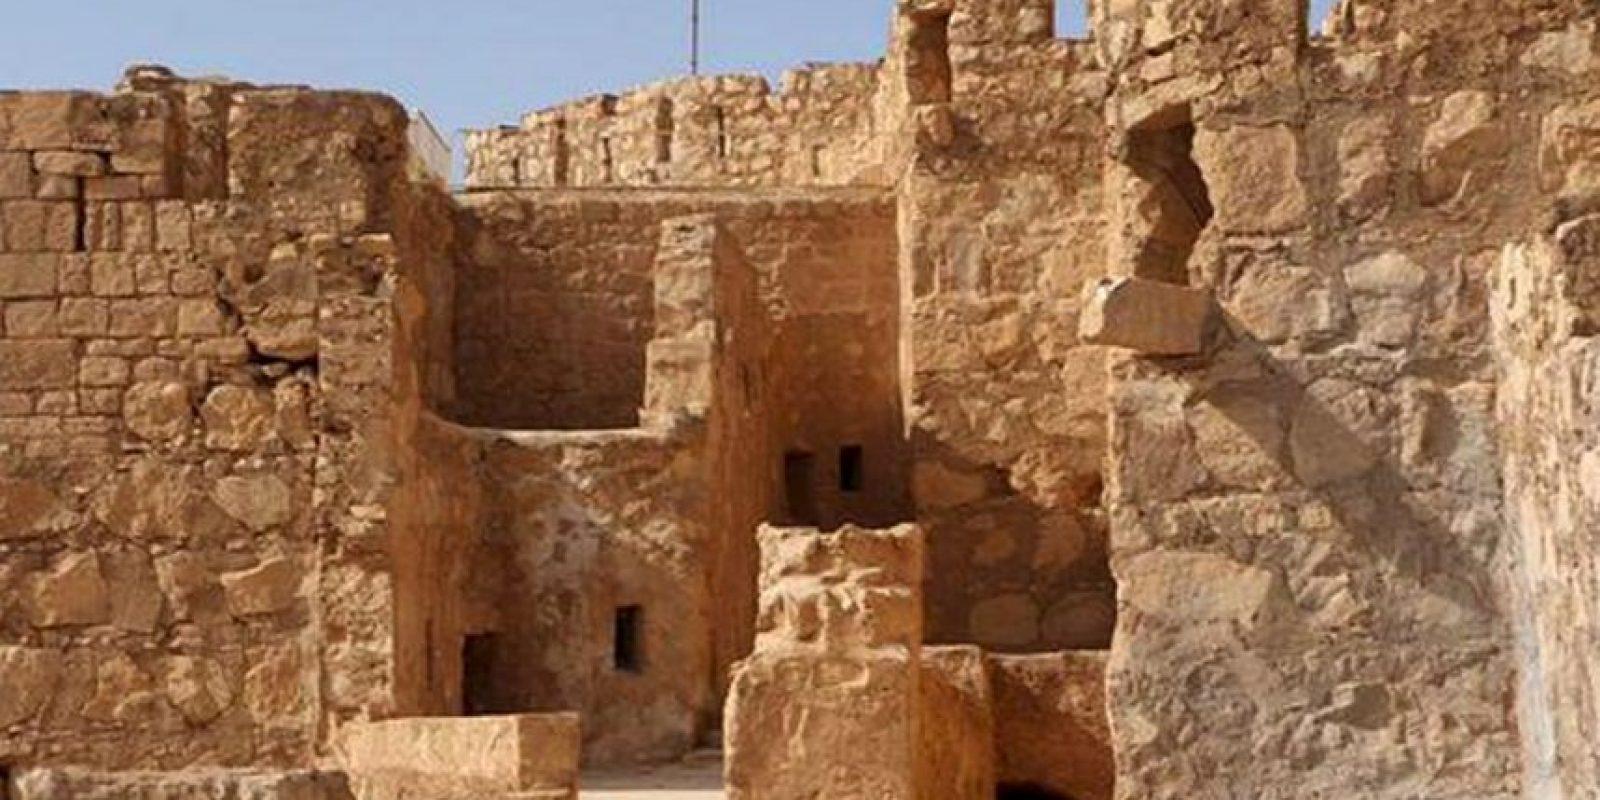 1. Destrucción del Patrimonio de la Humanidad Foto:AP